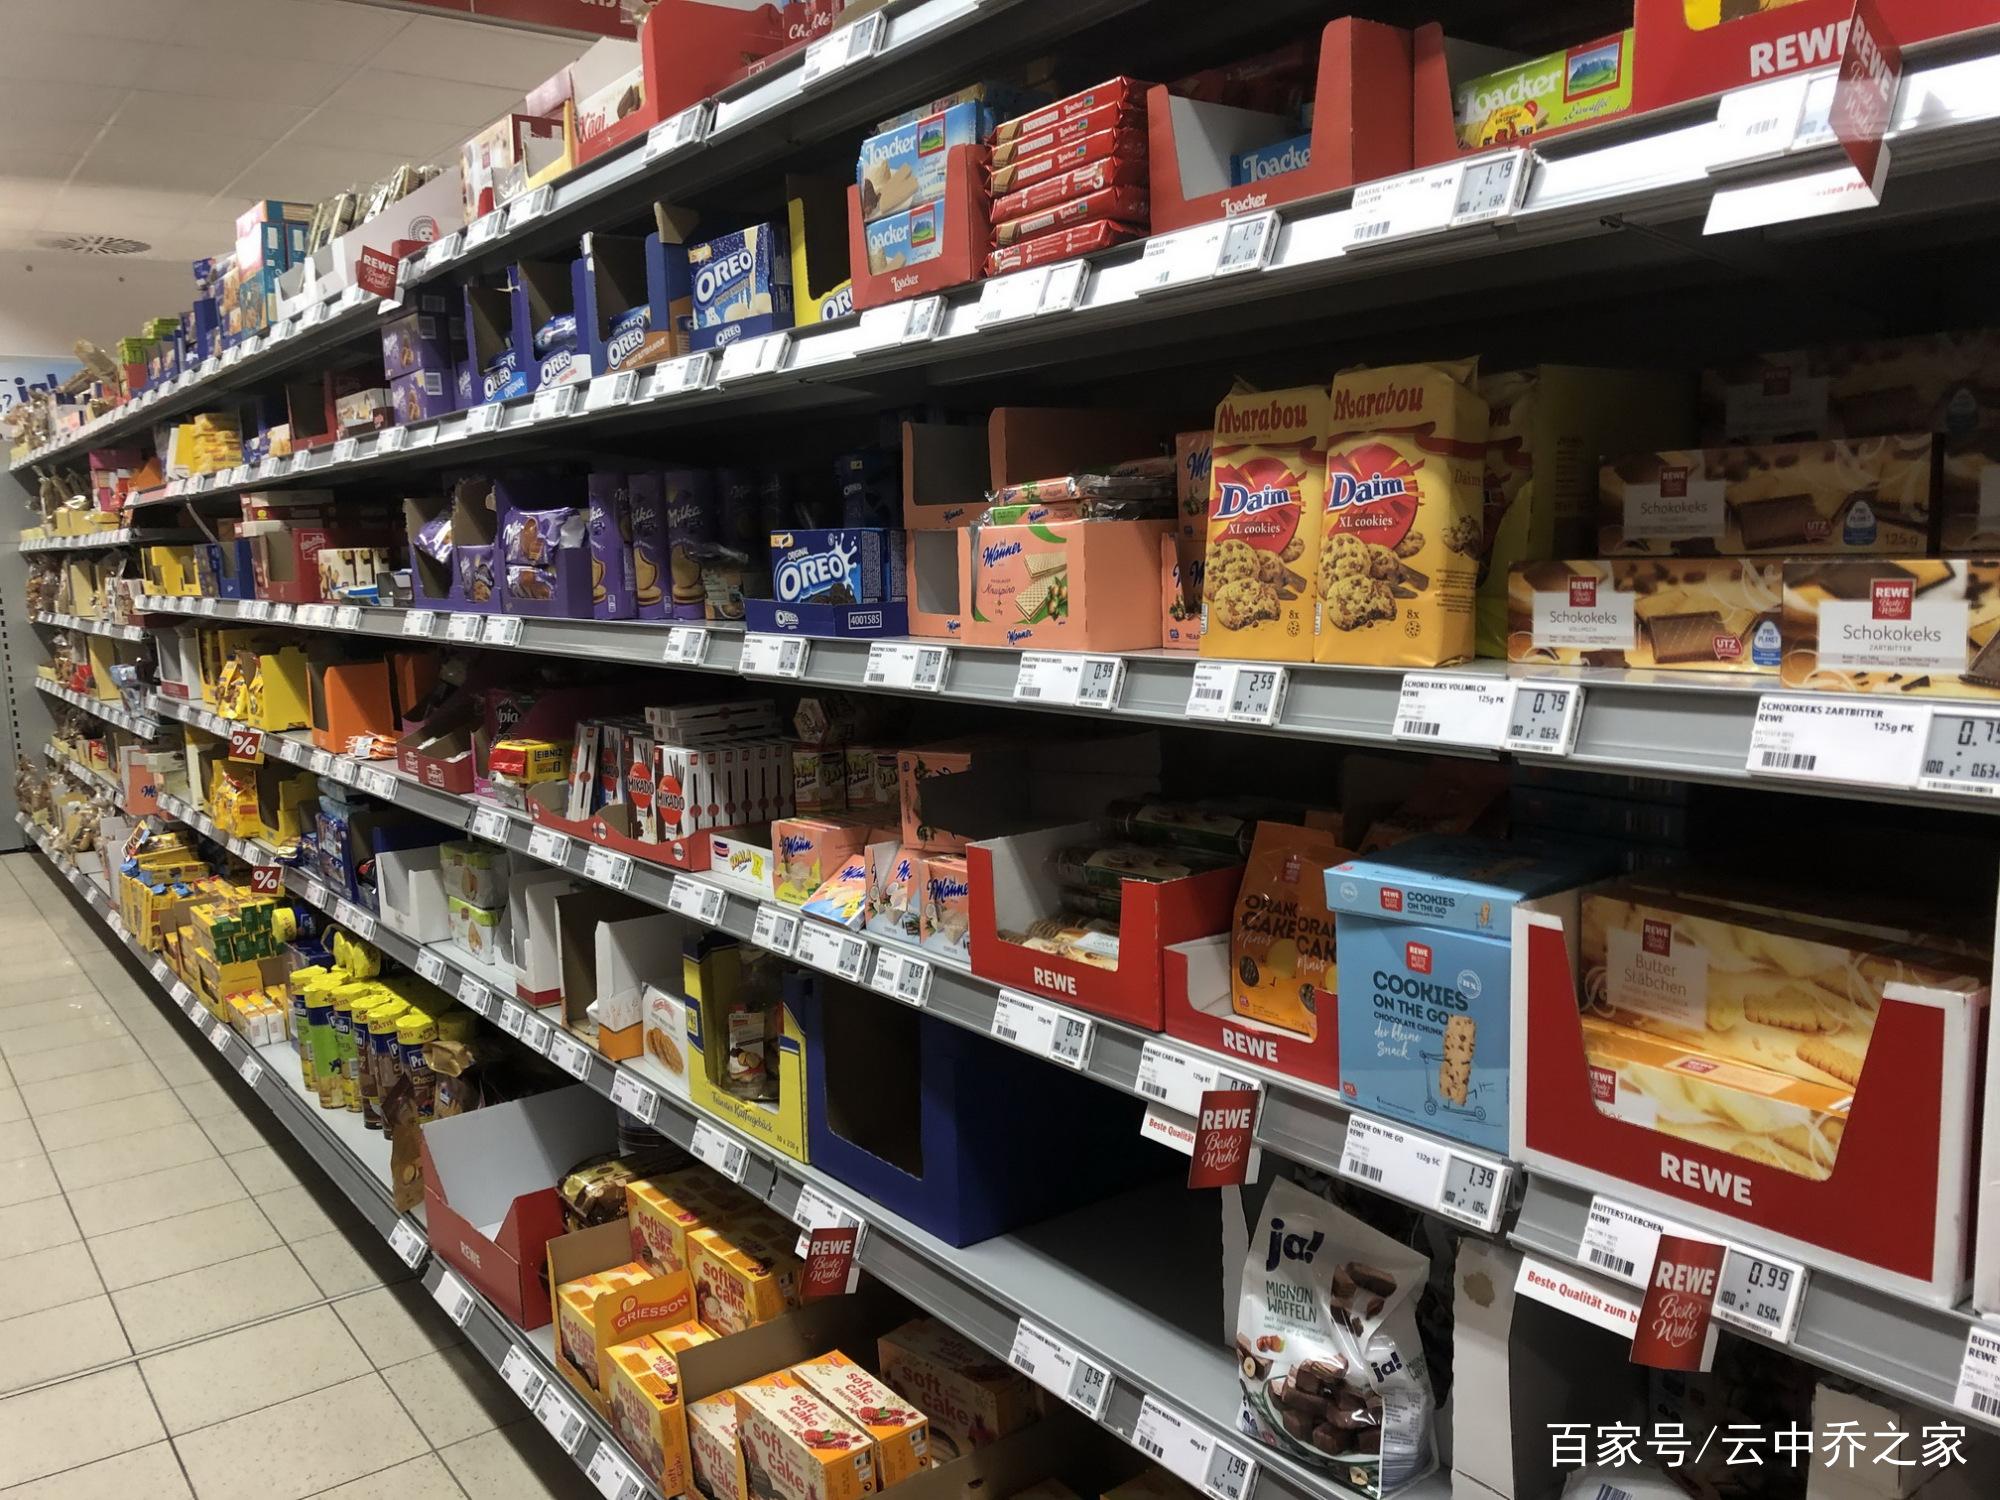 香肠、啤酒、洗护……闲逛德国超市REWE,全球杂货店走马观花系列